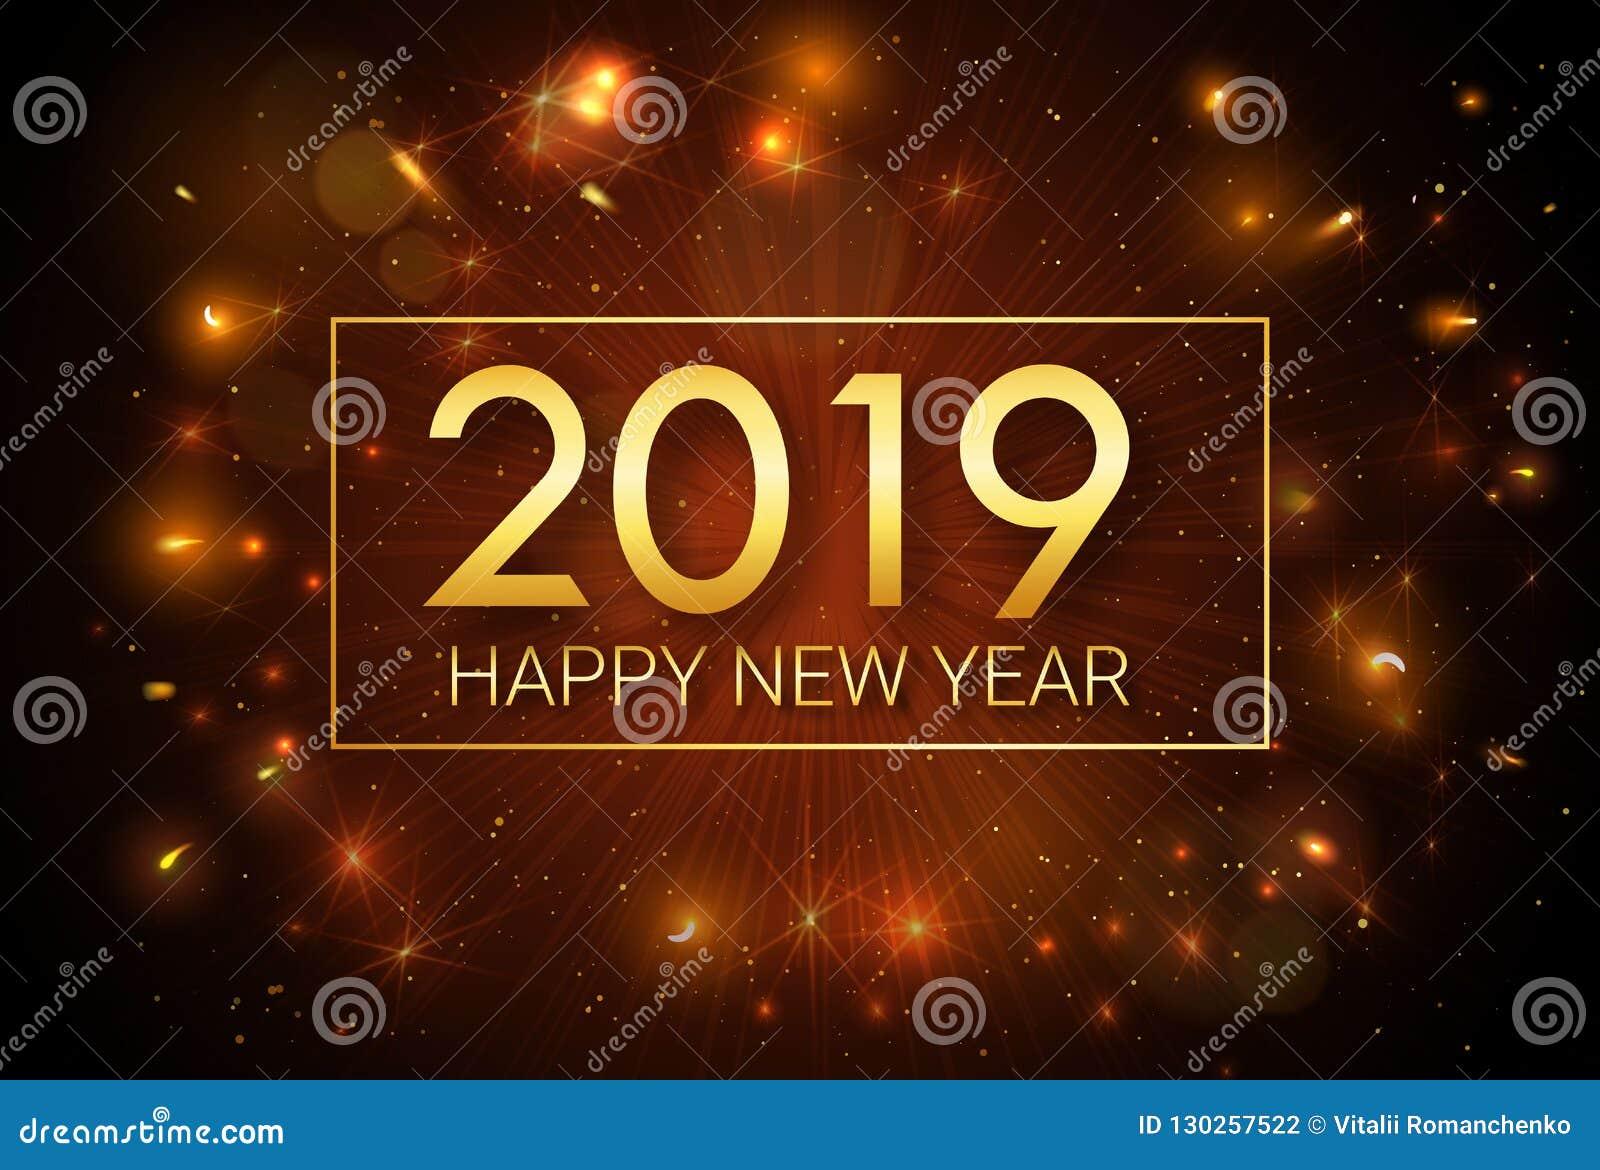 Gelukkig Nieuwjaar 2019 Kerstmis Het Begroeten Van Gouden